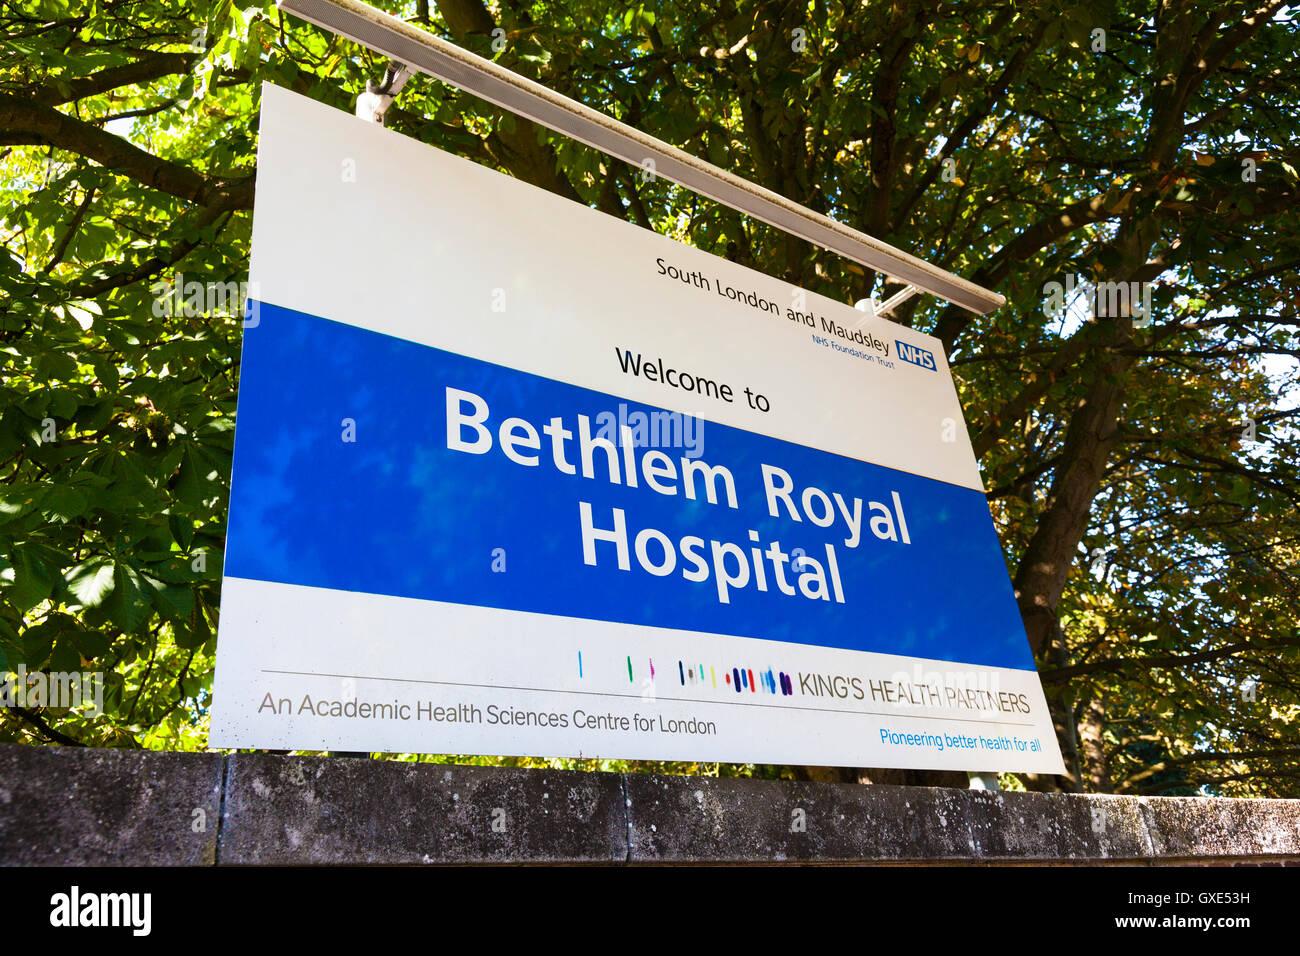 Zeichen, Bethlem Royal psychiatrisches Krankenhaus, London, UK. Bestandteil der Südlondon und Maudsley NHS Stockbild